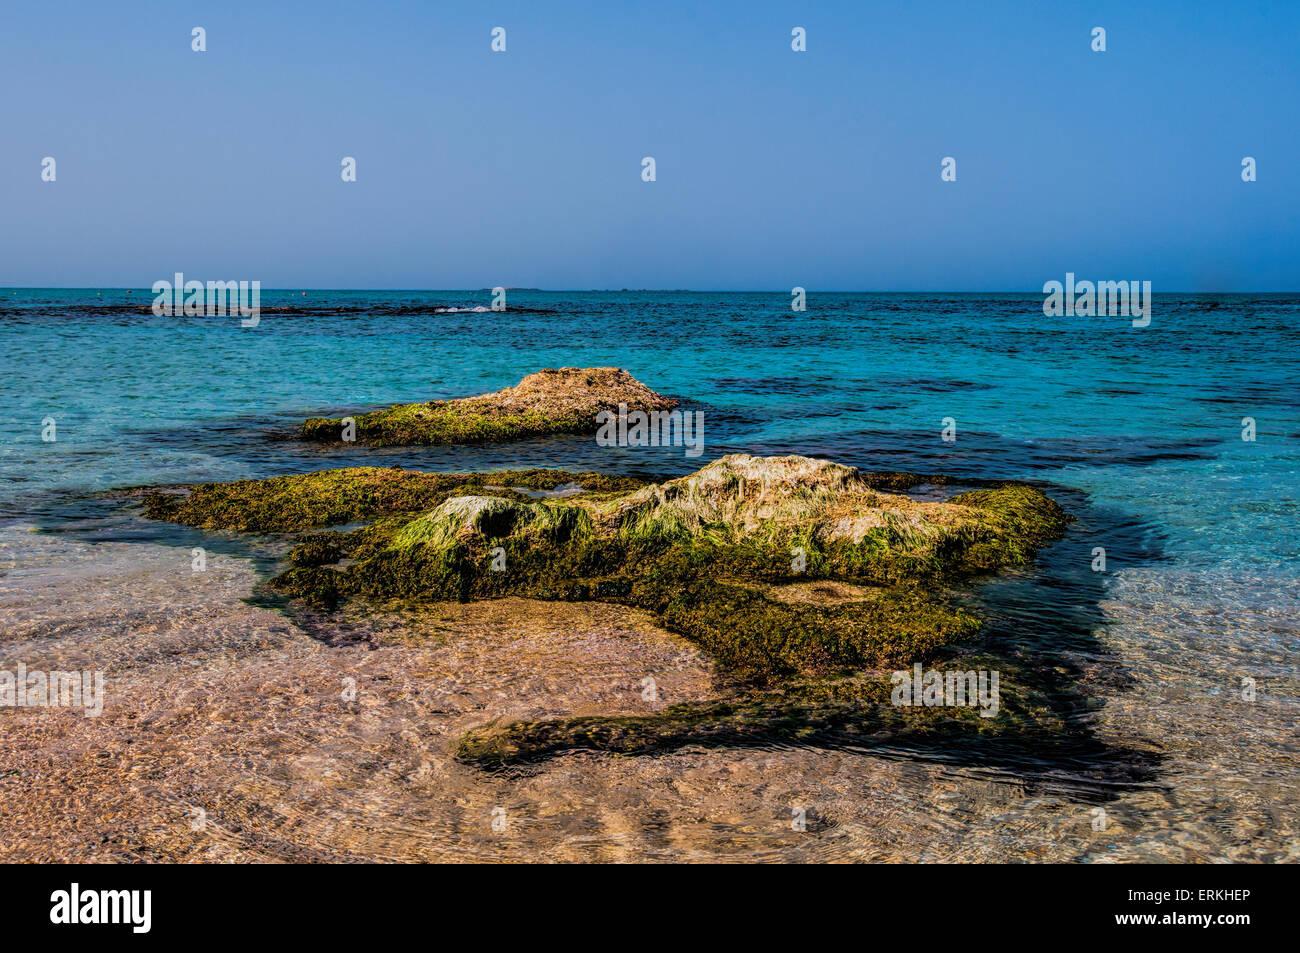 Pequeña isla cerca de la orilla del mar cubiertas de algas en la marea alta Imagen De Stock